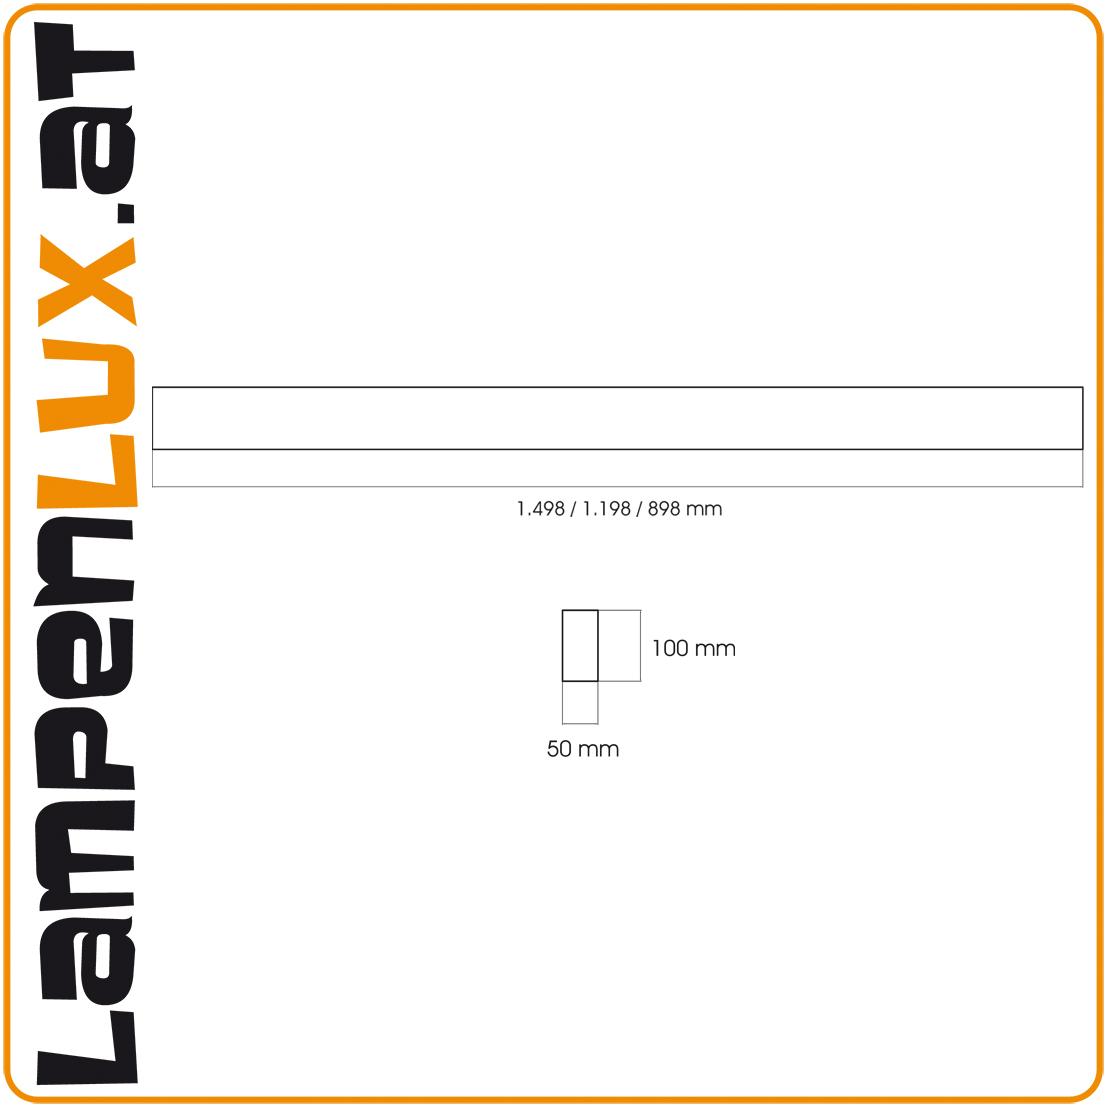 Lampenlux Deckenleuchte Deckenlampe Davia silber T5 21/28W Länge: 90/120 cm